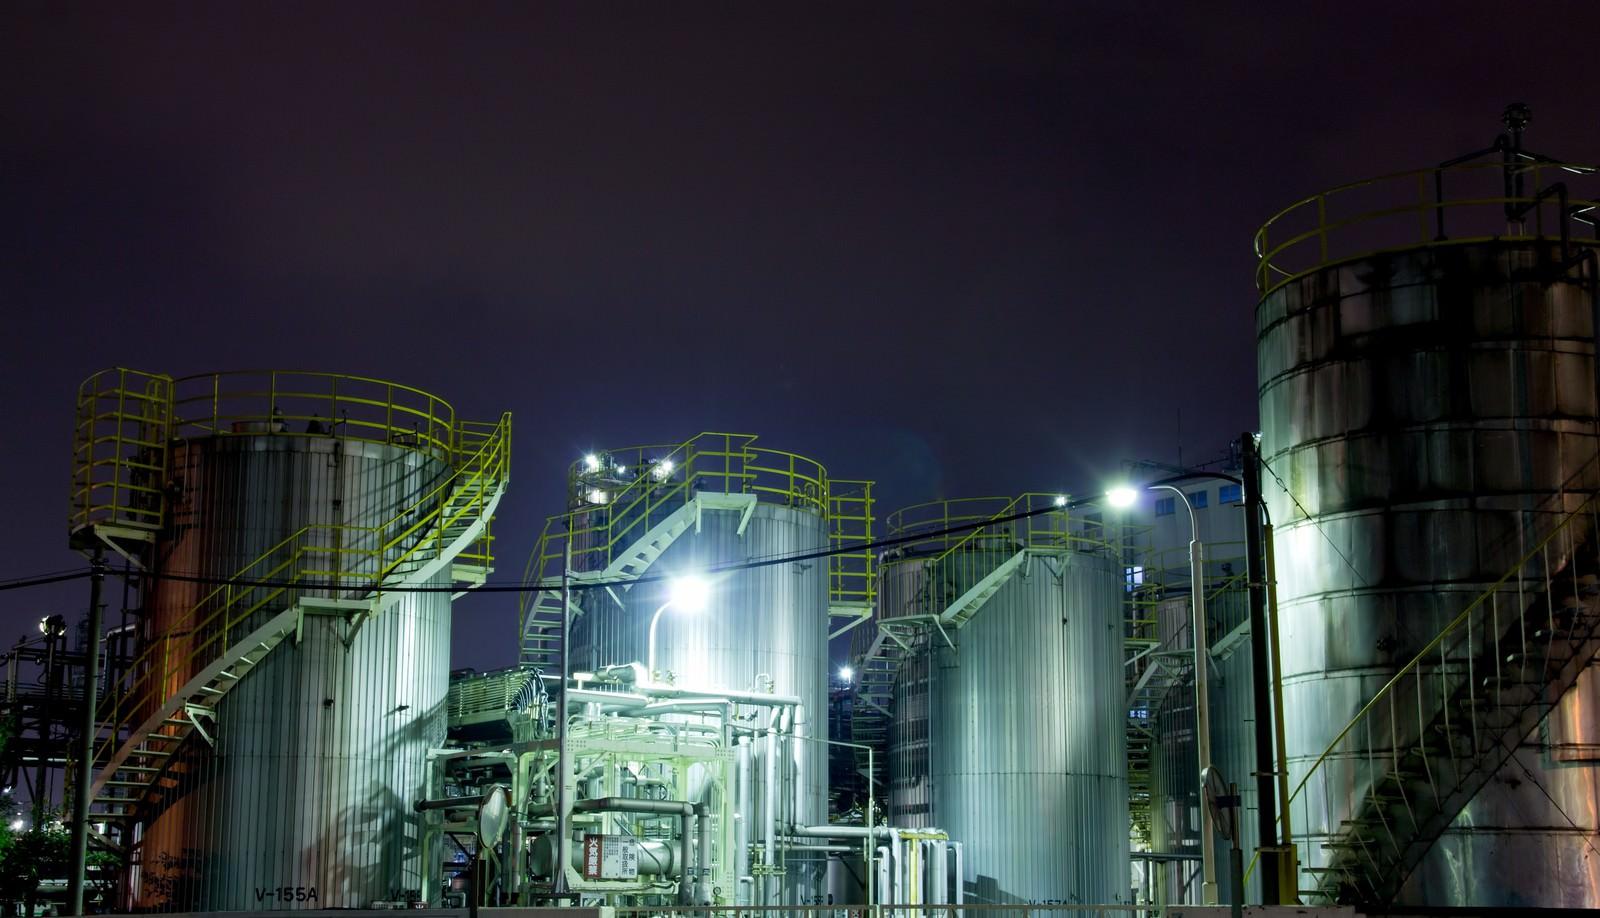 「ライトアップされたケミカル工場」の写真